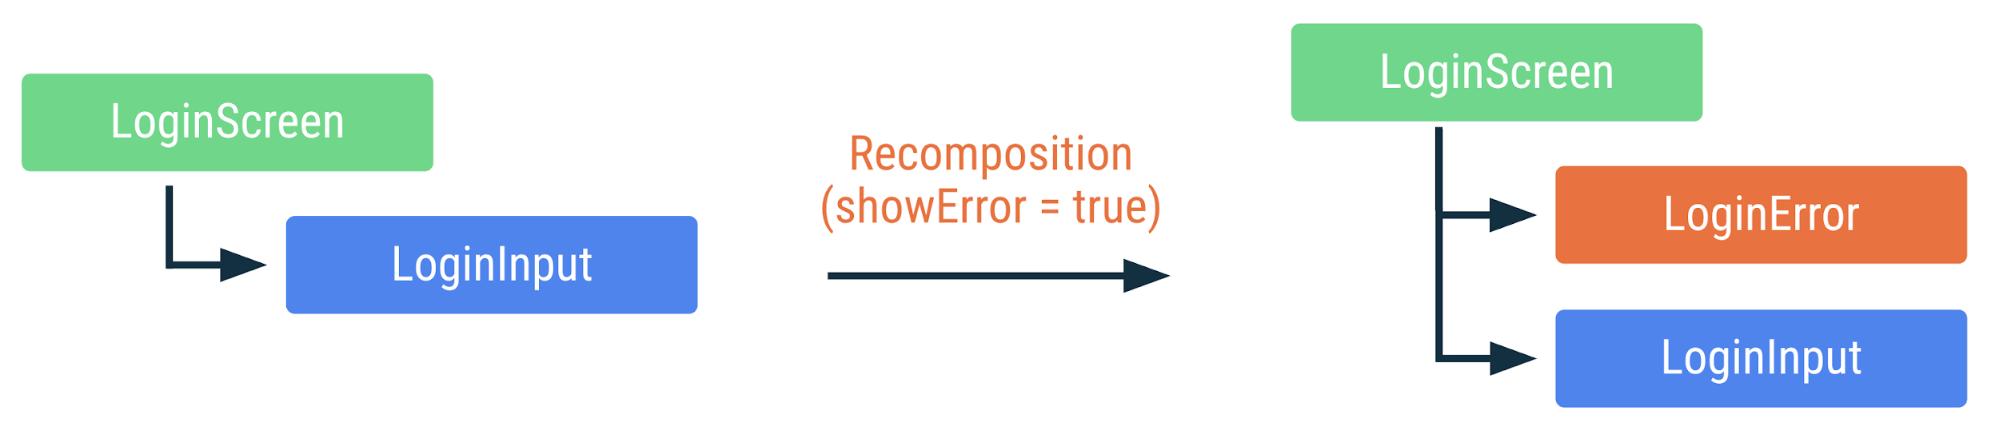 showError 플래그가 true로 변경된 경우 앞의 코드가 재구성되는 방식을 보여주는 다이어그램 LoginError 컴포저블이 추가되지만 다른 컴포저블은 재구성되지 않습니다.